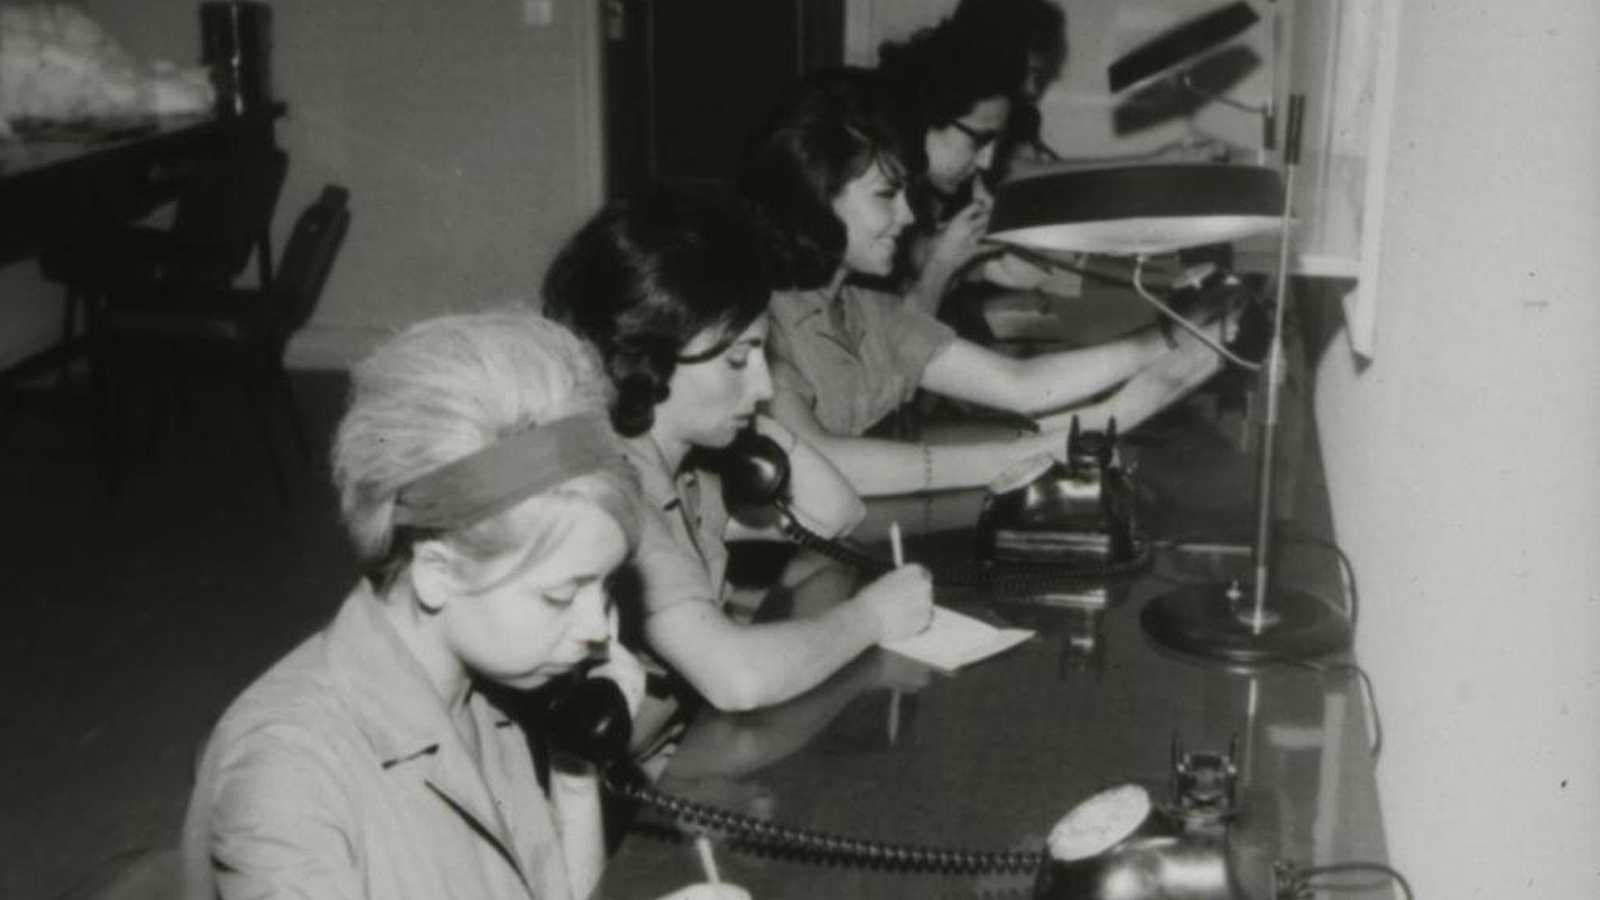 Artesfera - Mujer y Memoria: Trabajo y mujer antes de la democracia - 22/10/20 - escuchar ahora